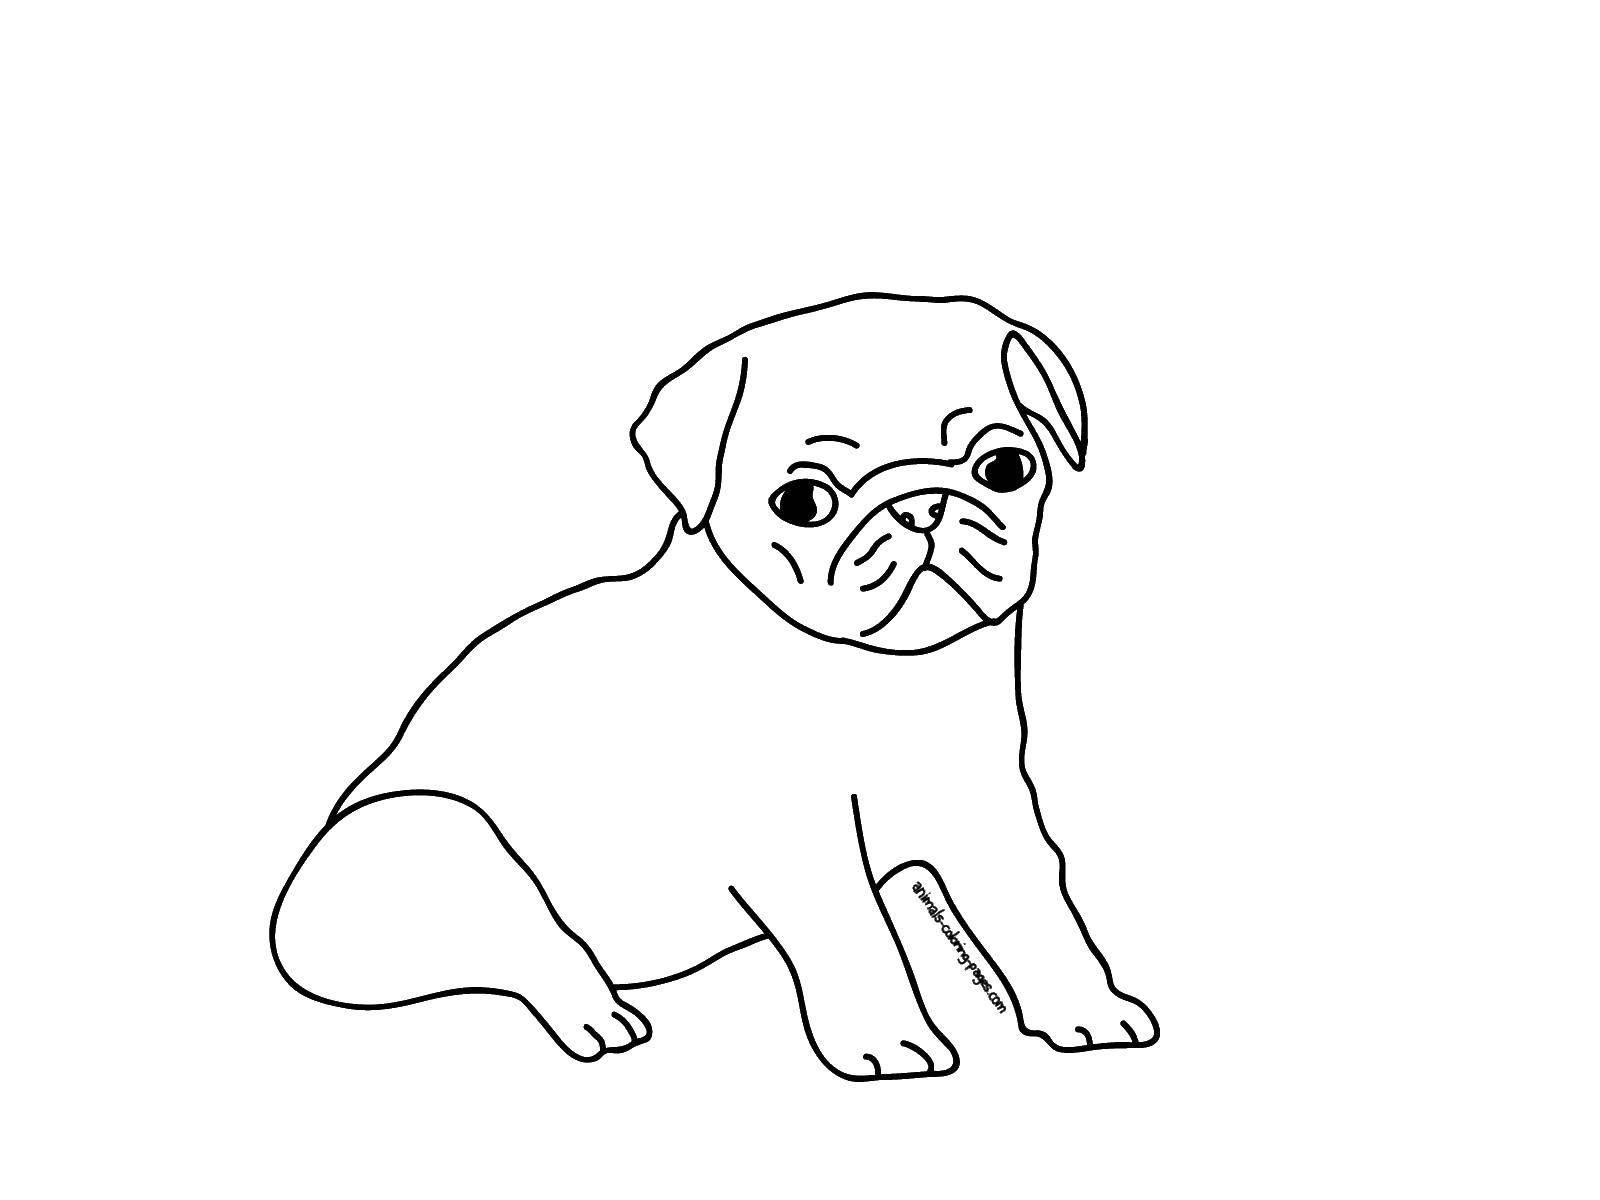 картинки раскраски щенки мопса такие собачки, которые